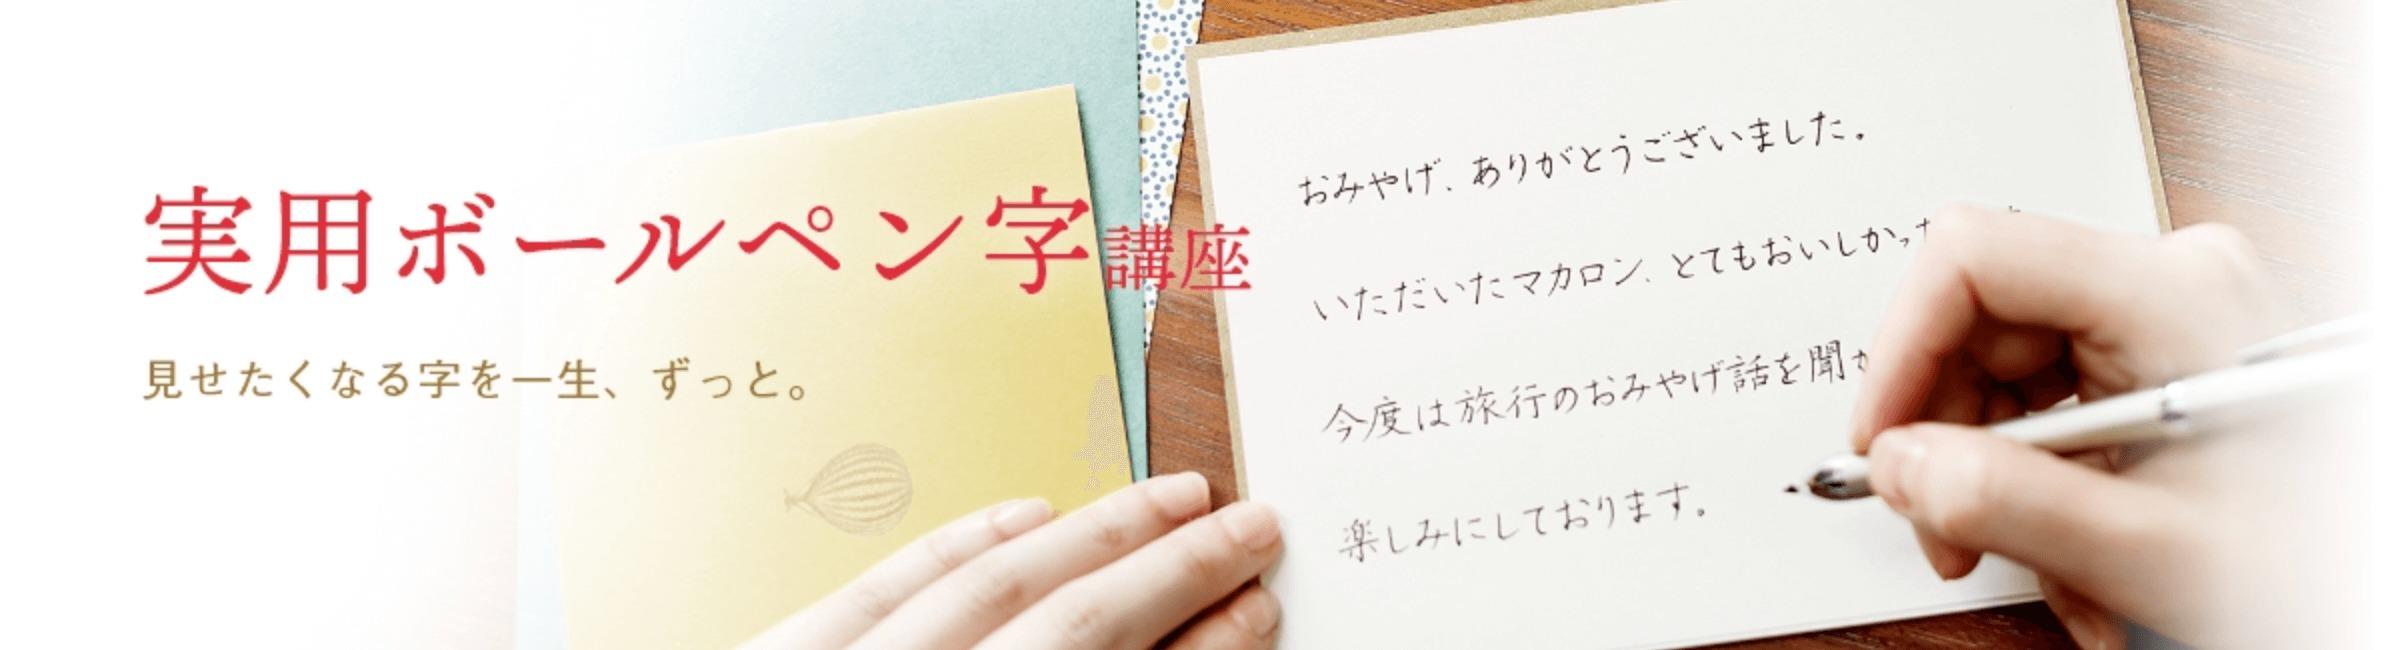 【1日20分でOK】ユーキャンの「実用ボールペン字講座」